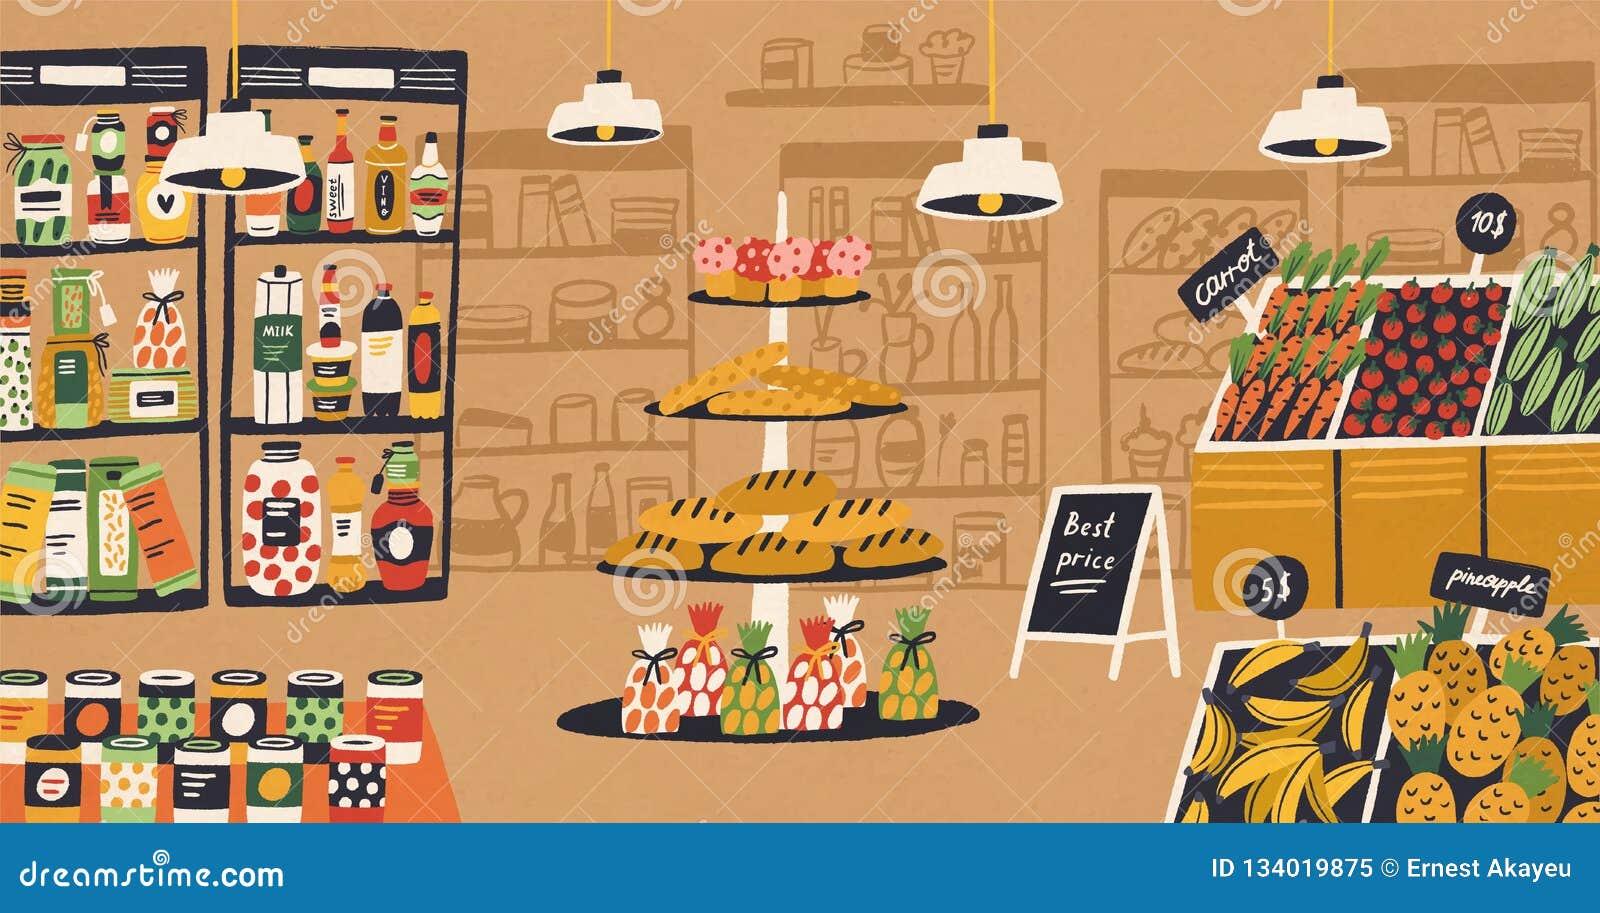 Εσωτερικό του σύγχρονου μανάβικου με τα προϊόντα που βρίσκεται στα ράφια και τις τιμές Κατάταξη των τροφίμων στην υπεραγορά